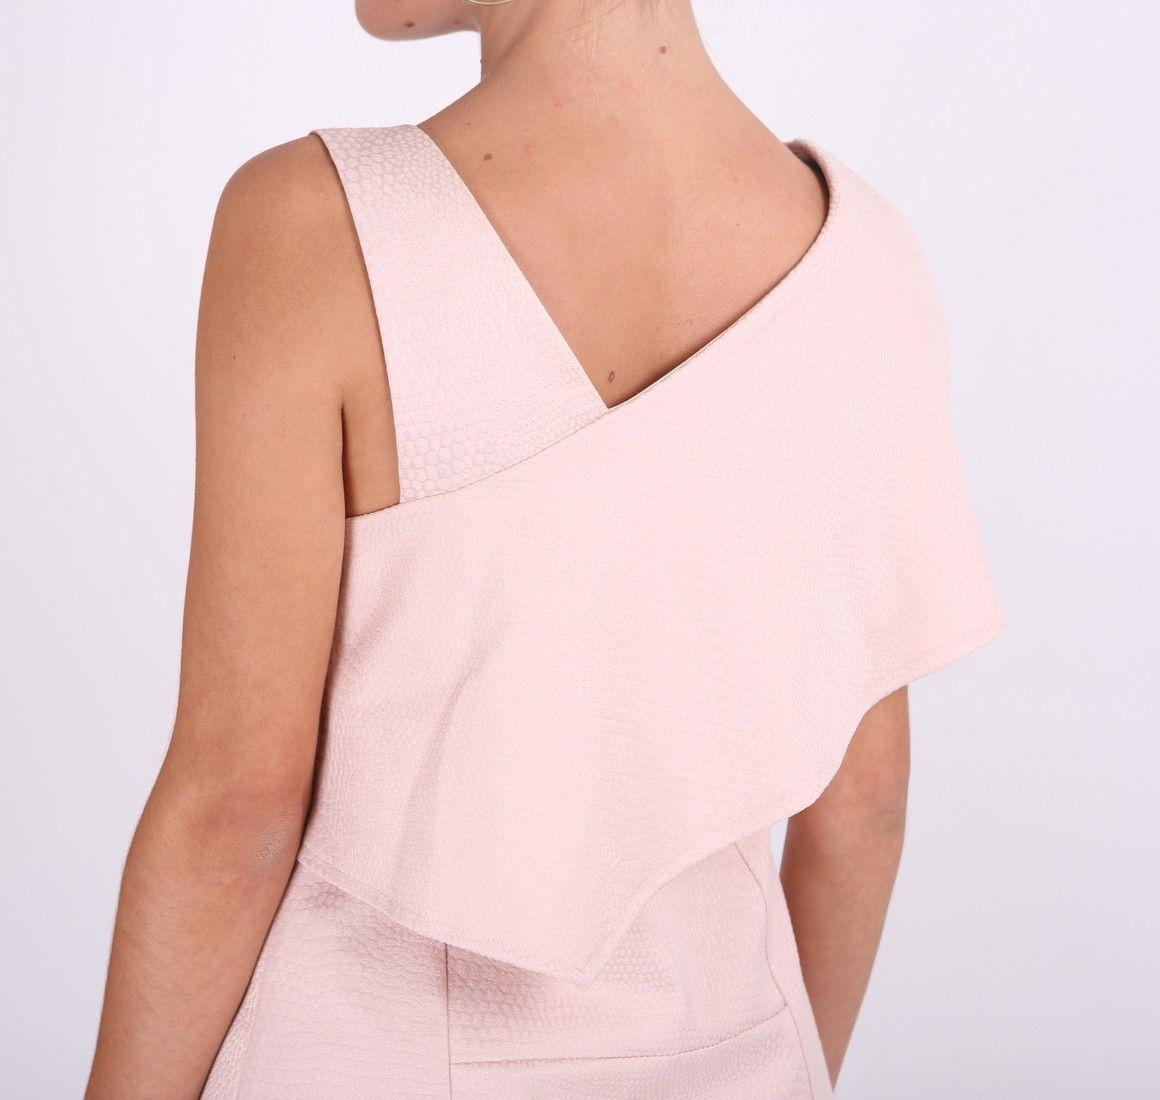 Robe Glam - La Maison Borrelly - #madeinfrance #frenchbrand #fashionbrand #mode #modefemme